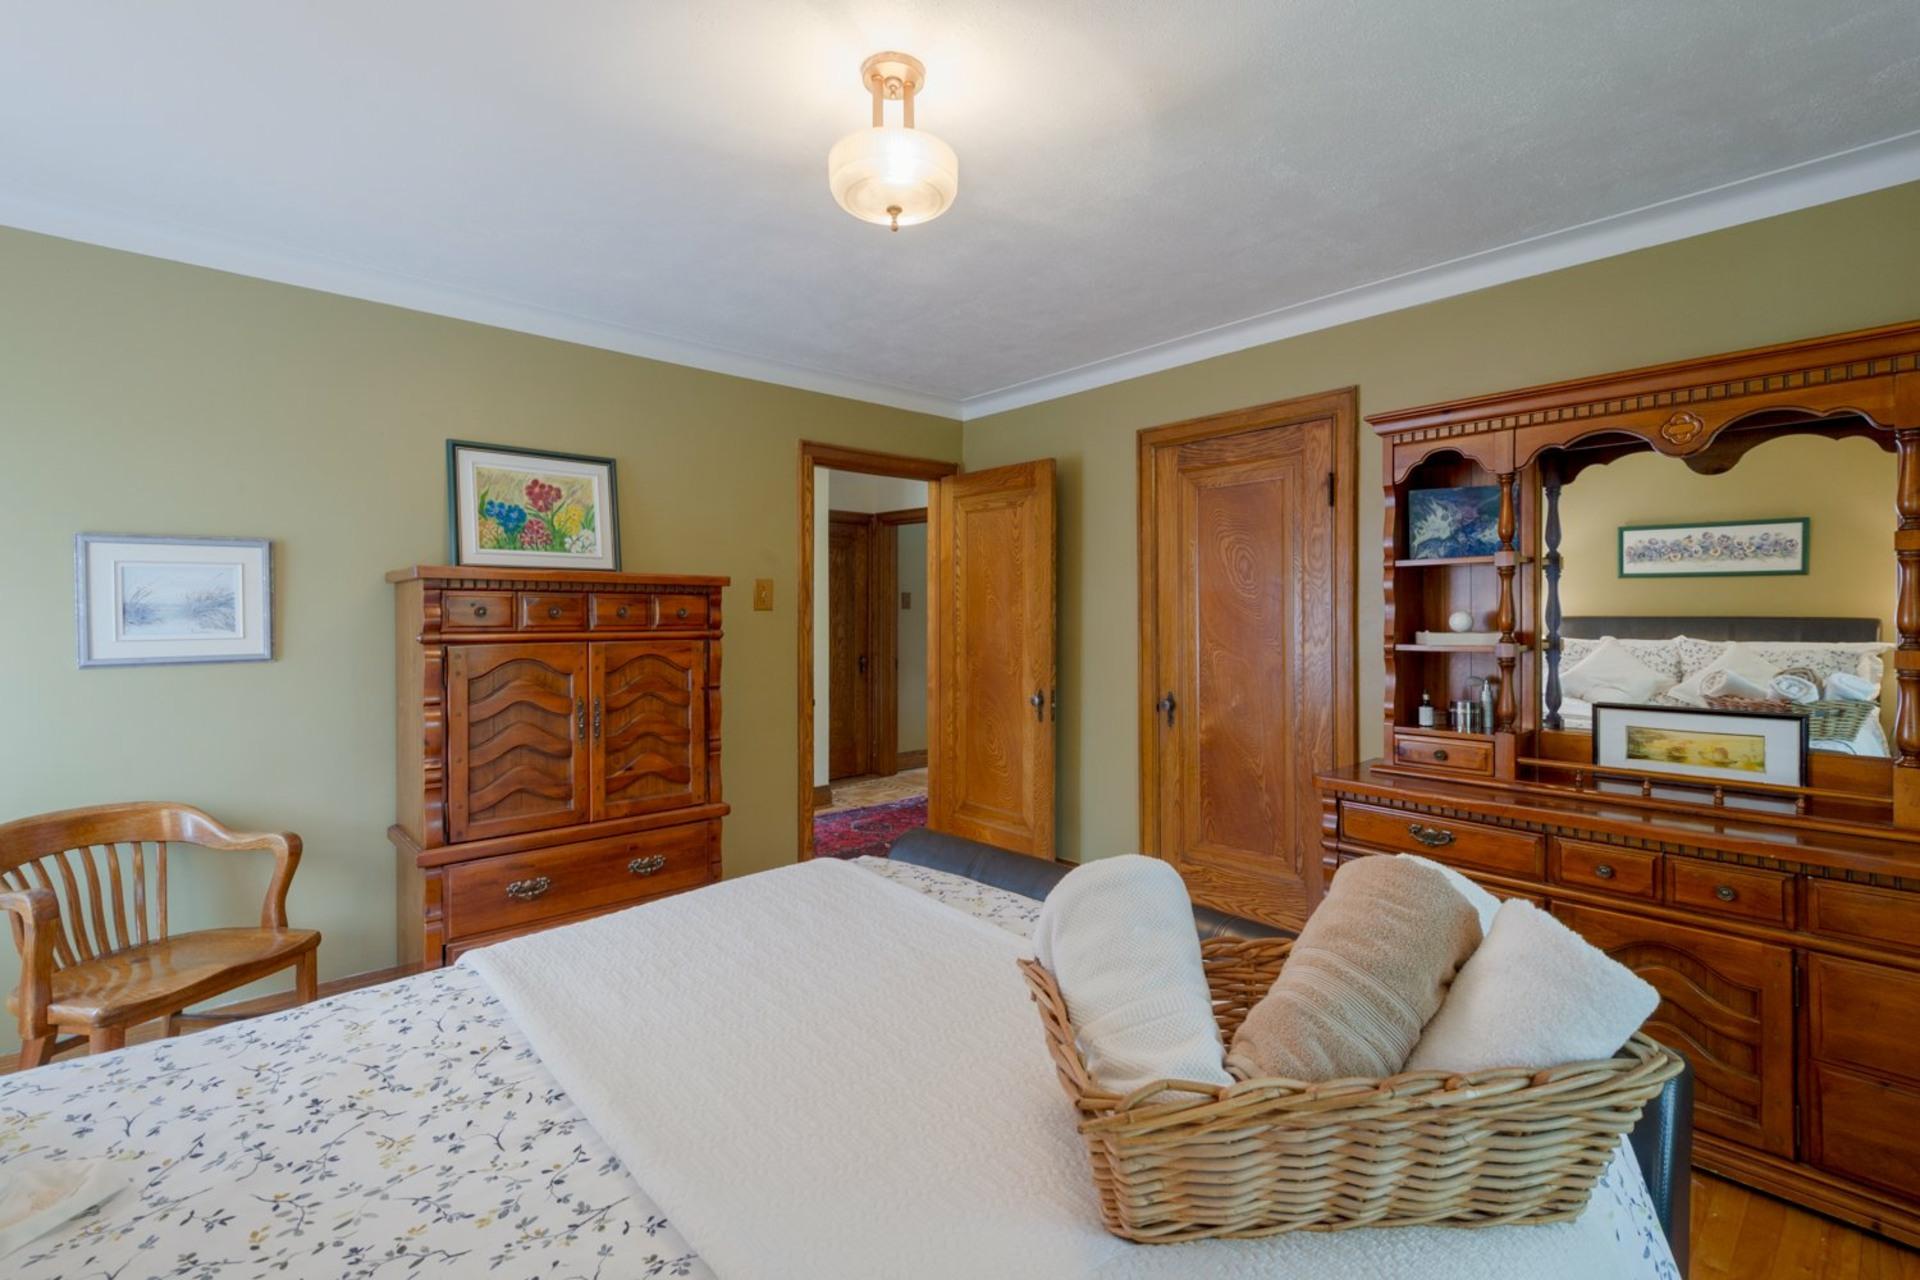 image 15 - Duplex For sale Sainte-Anne-de-Bellevue - 6 rooms